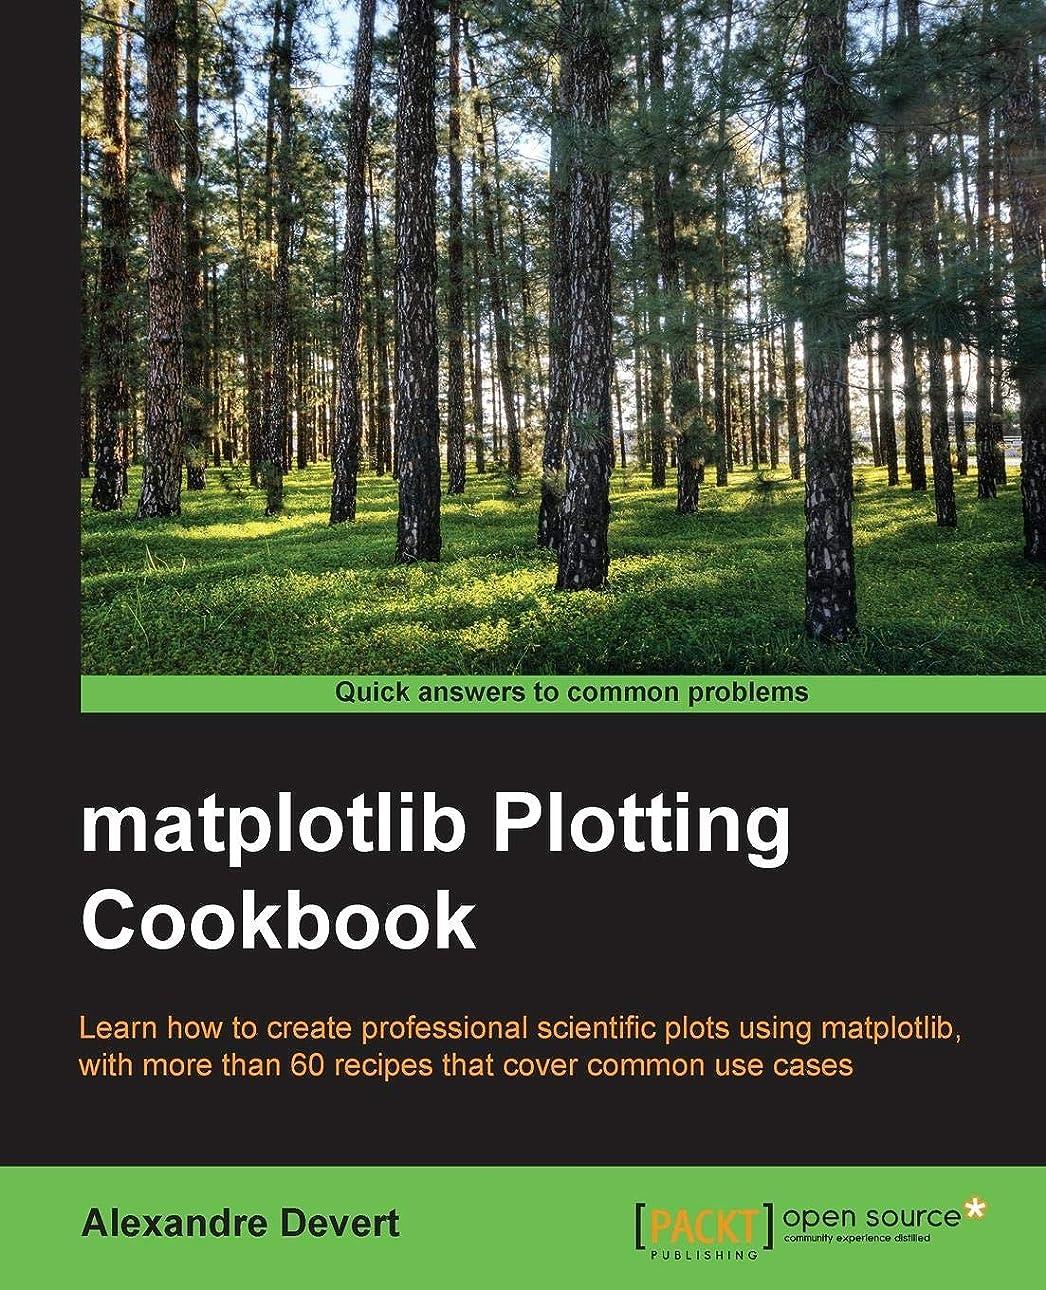 軍艦一生尽きるMatplotlib Plotting Cookbook